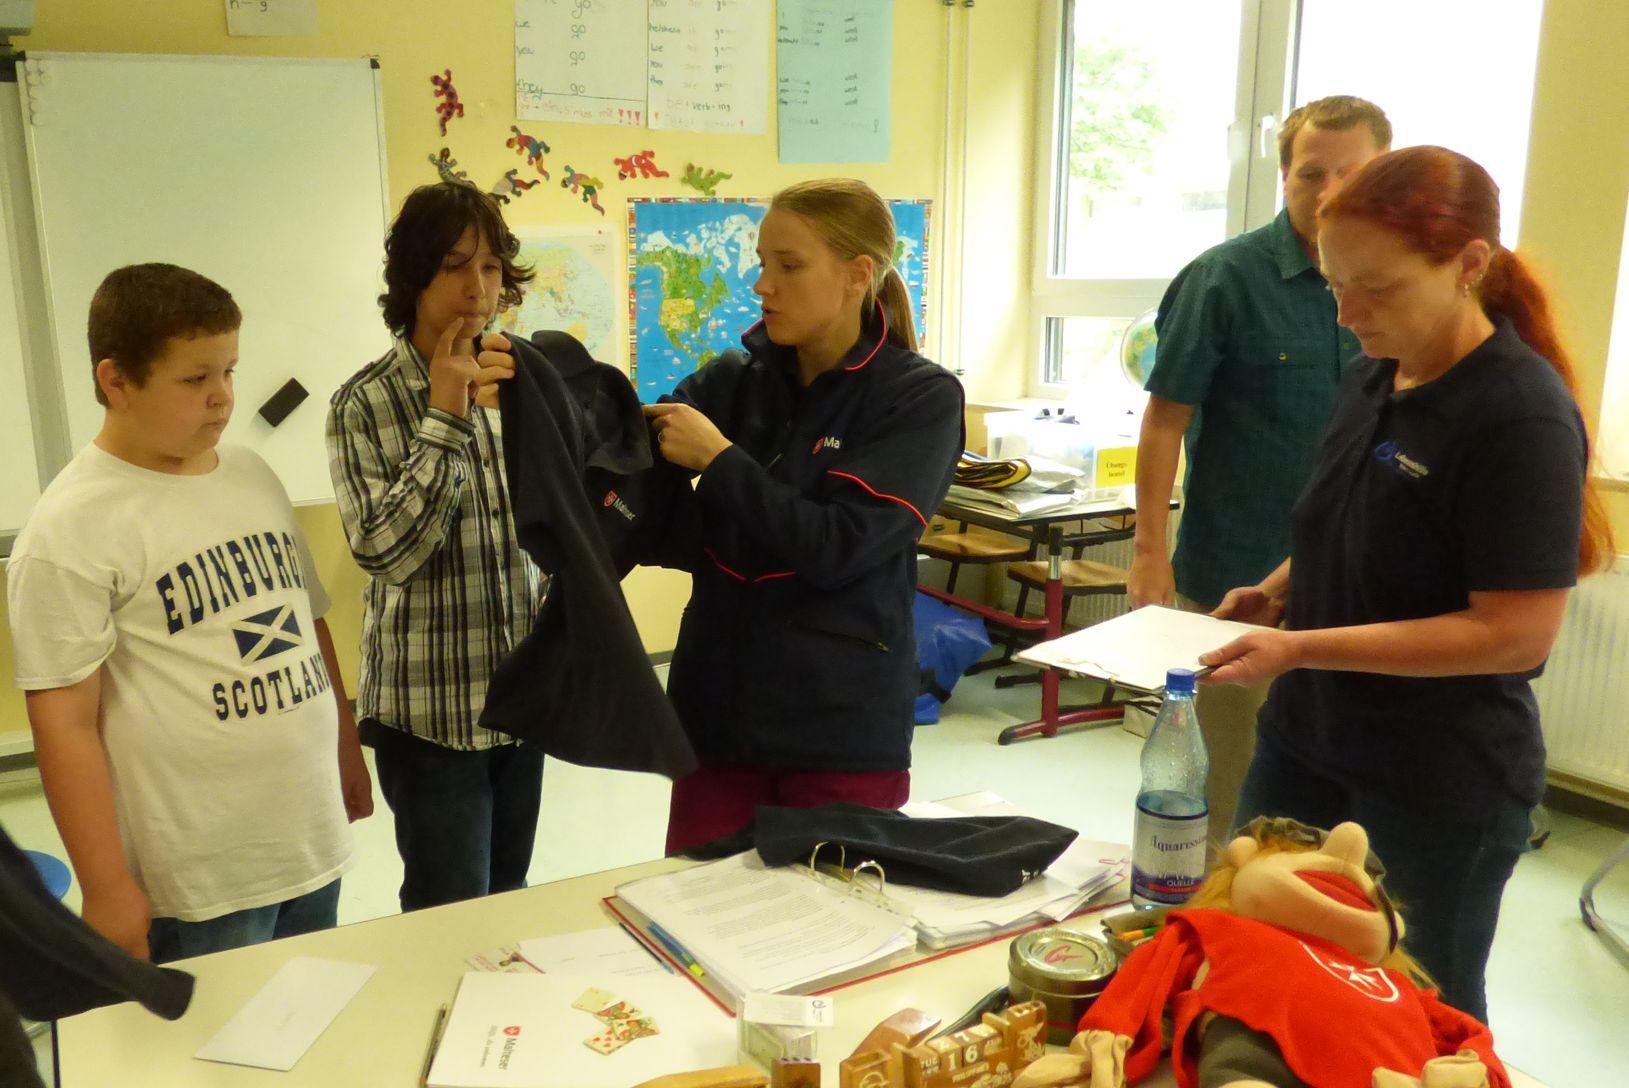 Schulsanitäter prüfung LORELEYSCHULE Schulsanitätsdienst